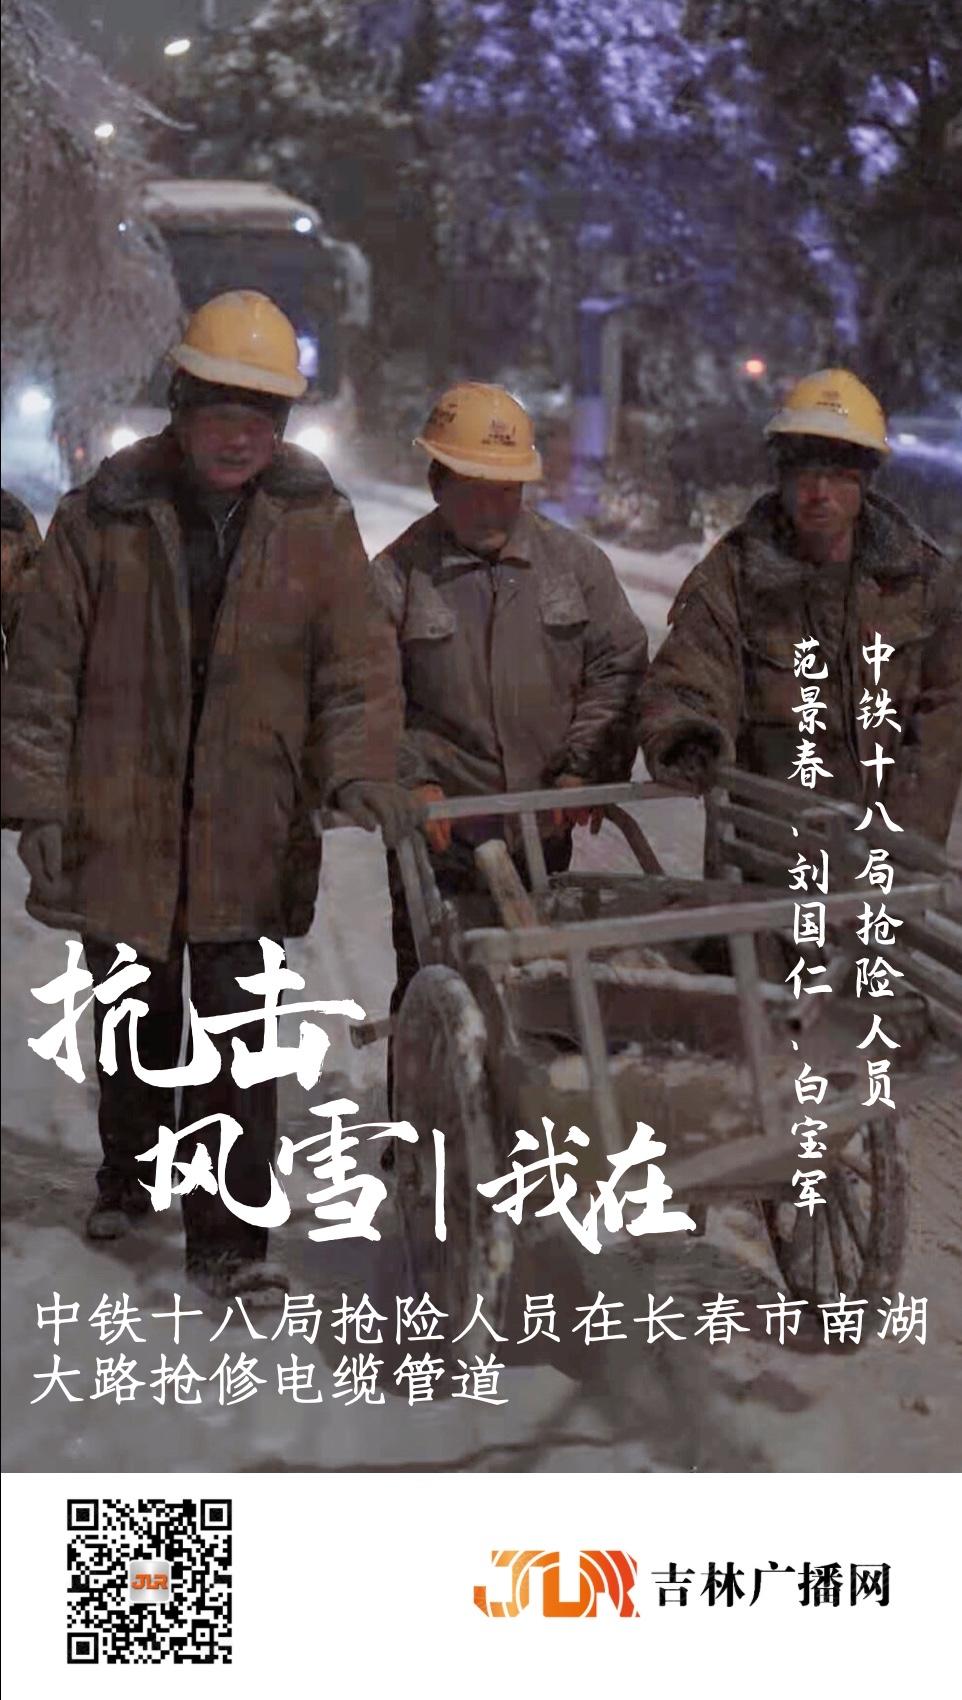 【抗击风雪 ▏我在】中铁十八局工作人员在抢修电缆管道